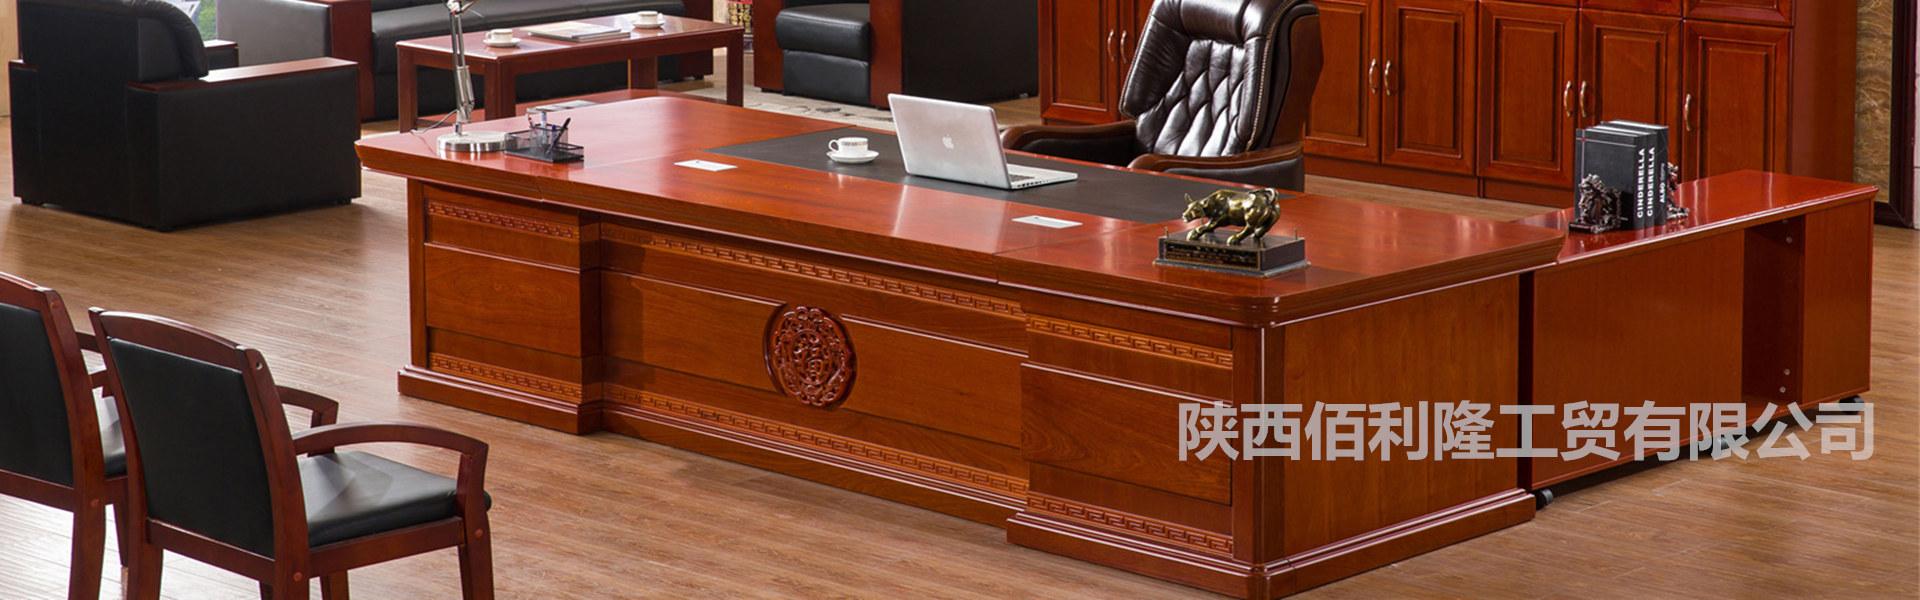 陕西佰利隆工贸有限公司